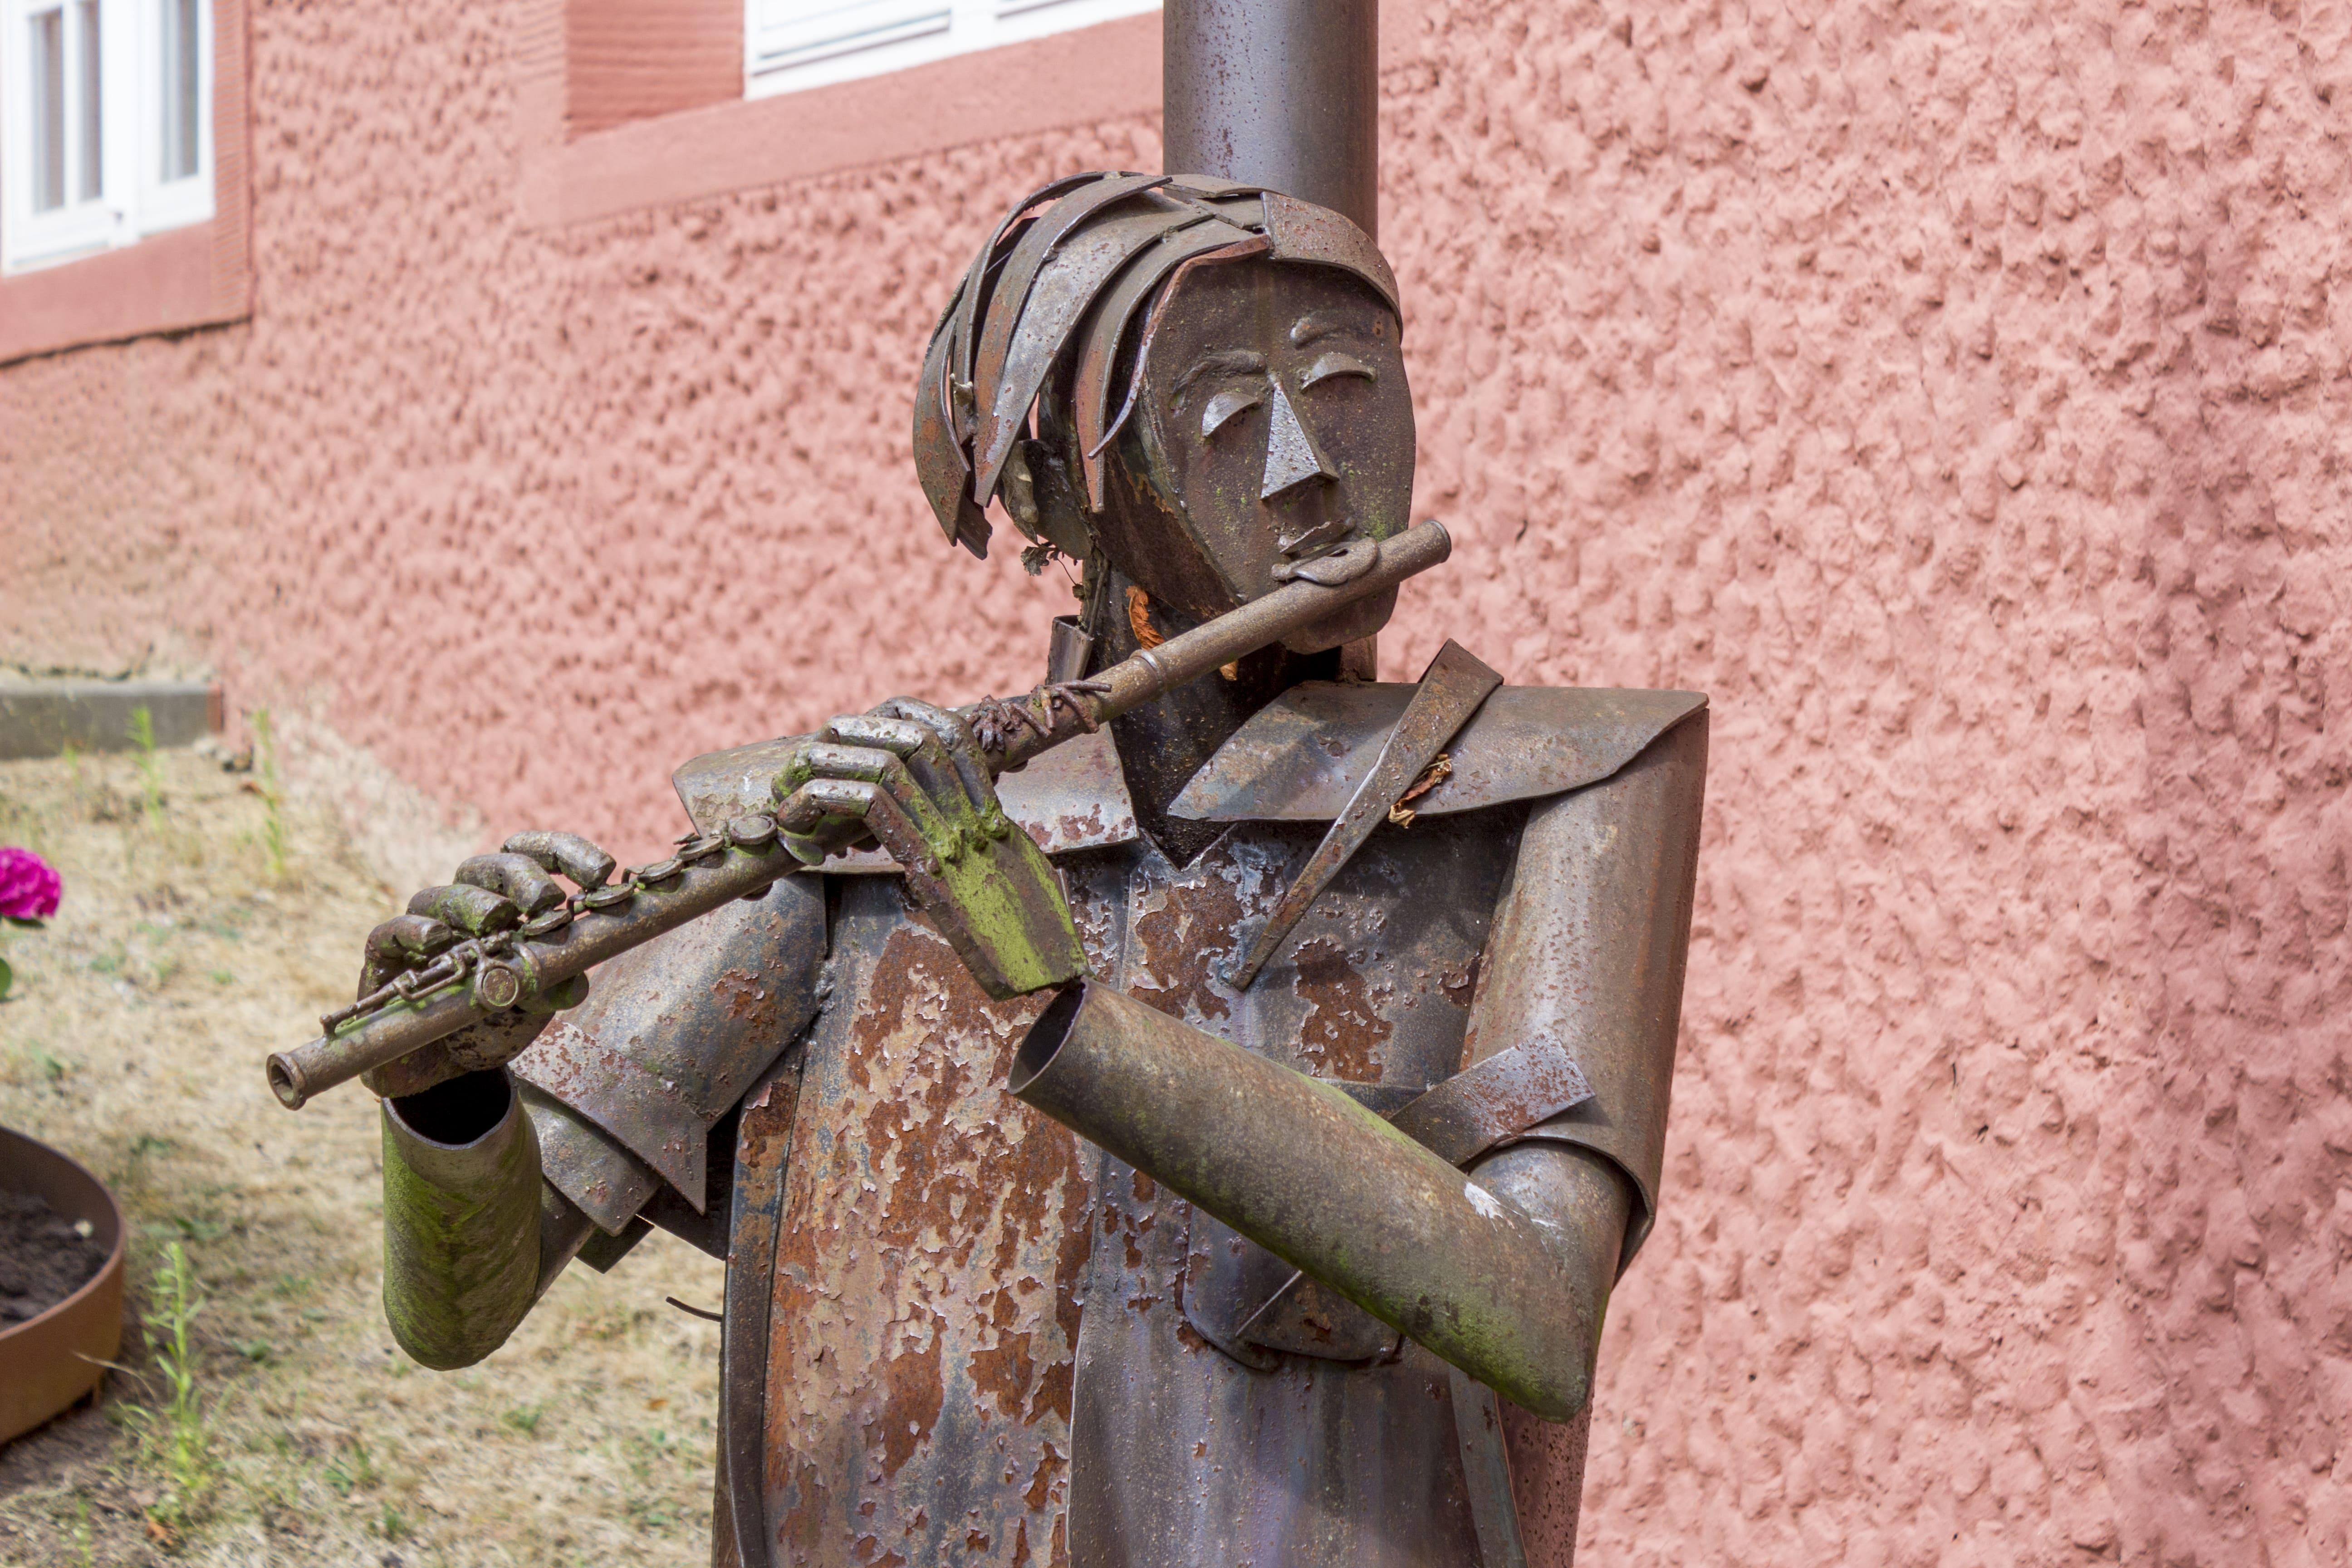 Flötenspieler im Skulpturengarten des ZHTK Wetzlar